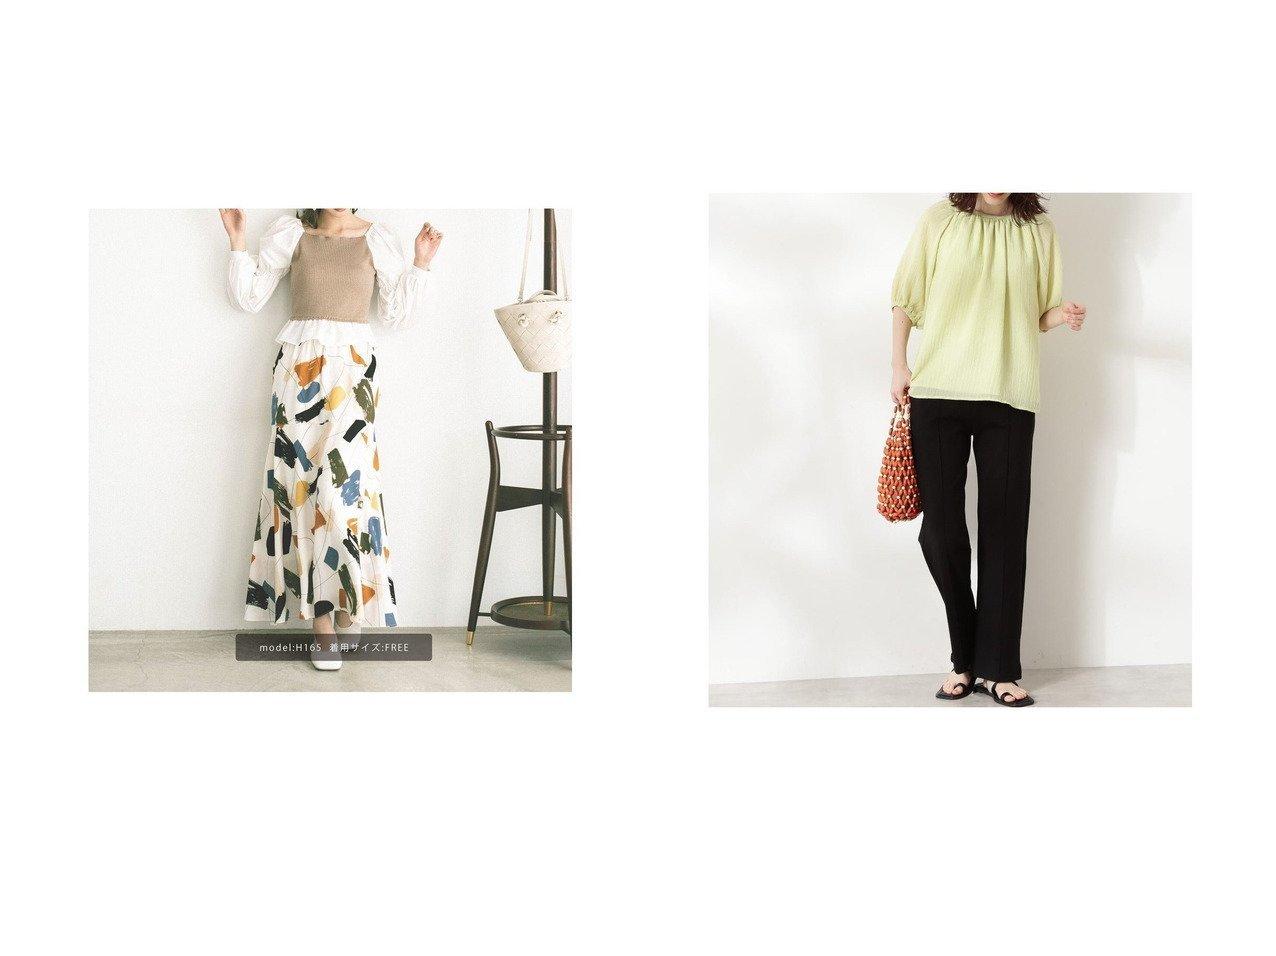 【FREE'S MART/フリーズマート】のアートプリントマーメイドマキシスカート ホワイトベース2&【N.Natural Beauty basic/エヌ ナチュラルビューティーベーシック】のポンチブーツカットパンツ おすすめ!人気、トレンド・レディースファッションの通販 おすすめで人気の流行・トレンド、ファッションの通販商品 インテリア・家具・メンズファッション・キッズファッション・レディースファッション・服の通販 founy(ファニー) https://founy.com/ ファッション Fashion レディースファッション WOMEN スカート Skirt パンツ Pants 2021年 2021 2021春夏・S/S SS/Spring/Summer/2021 S/S・春夏 SS・Spring/Summer シンプル プリント マキシ マーメイド 春 Spring  ID:crp329100000042341